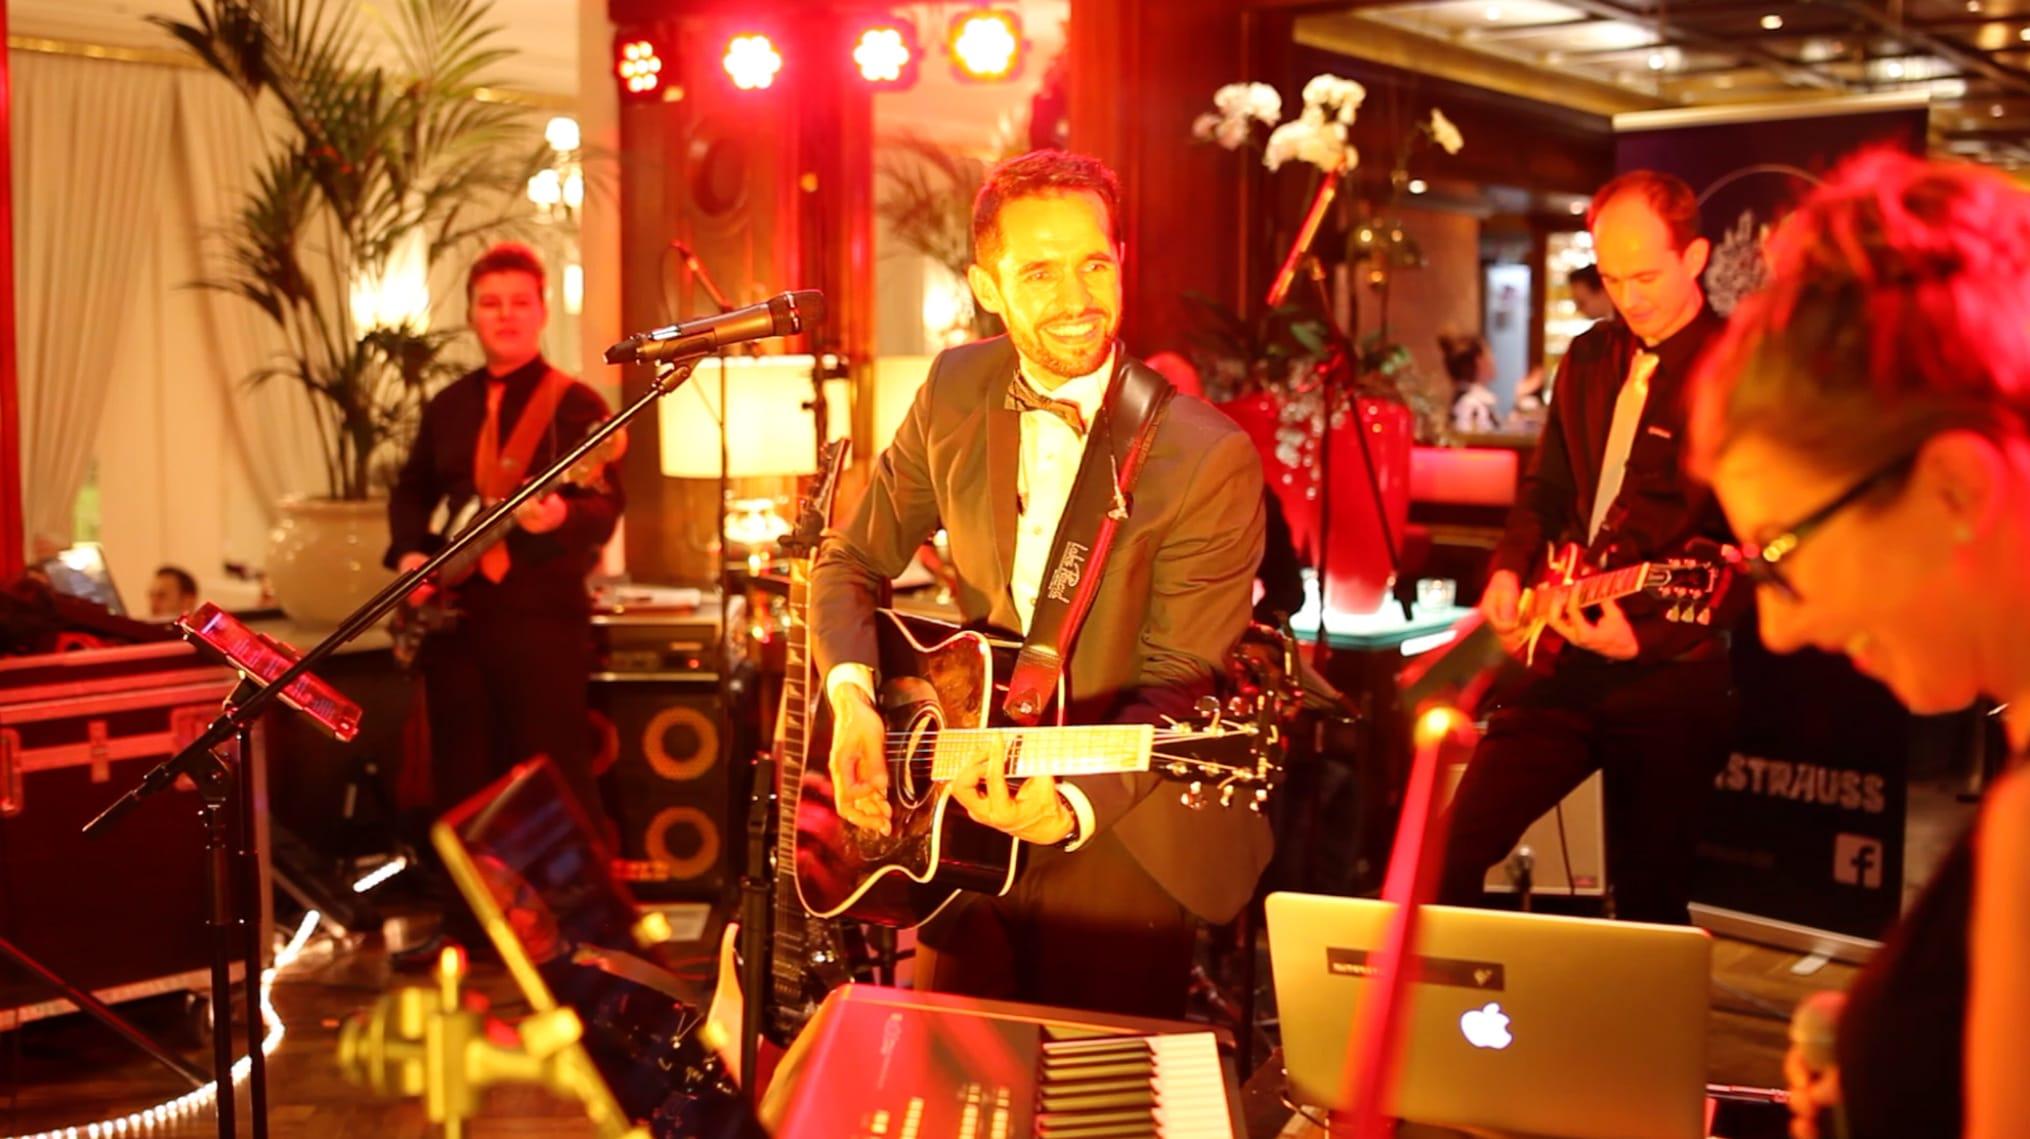 Partyband für Hochzeit, Premiumevent, Abschlussfest, Sommerfest, Weihnachtsfeier, Firmenfeier..